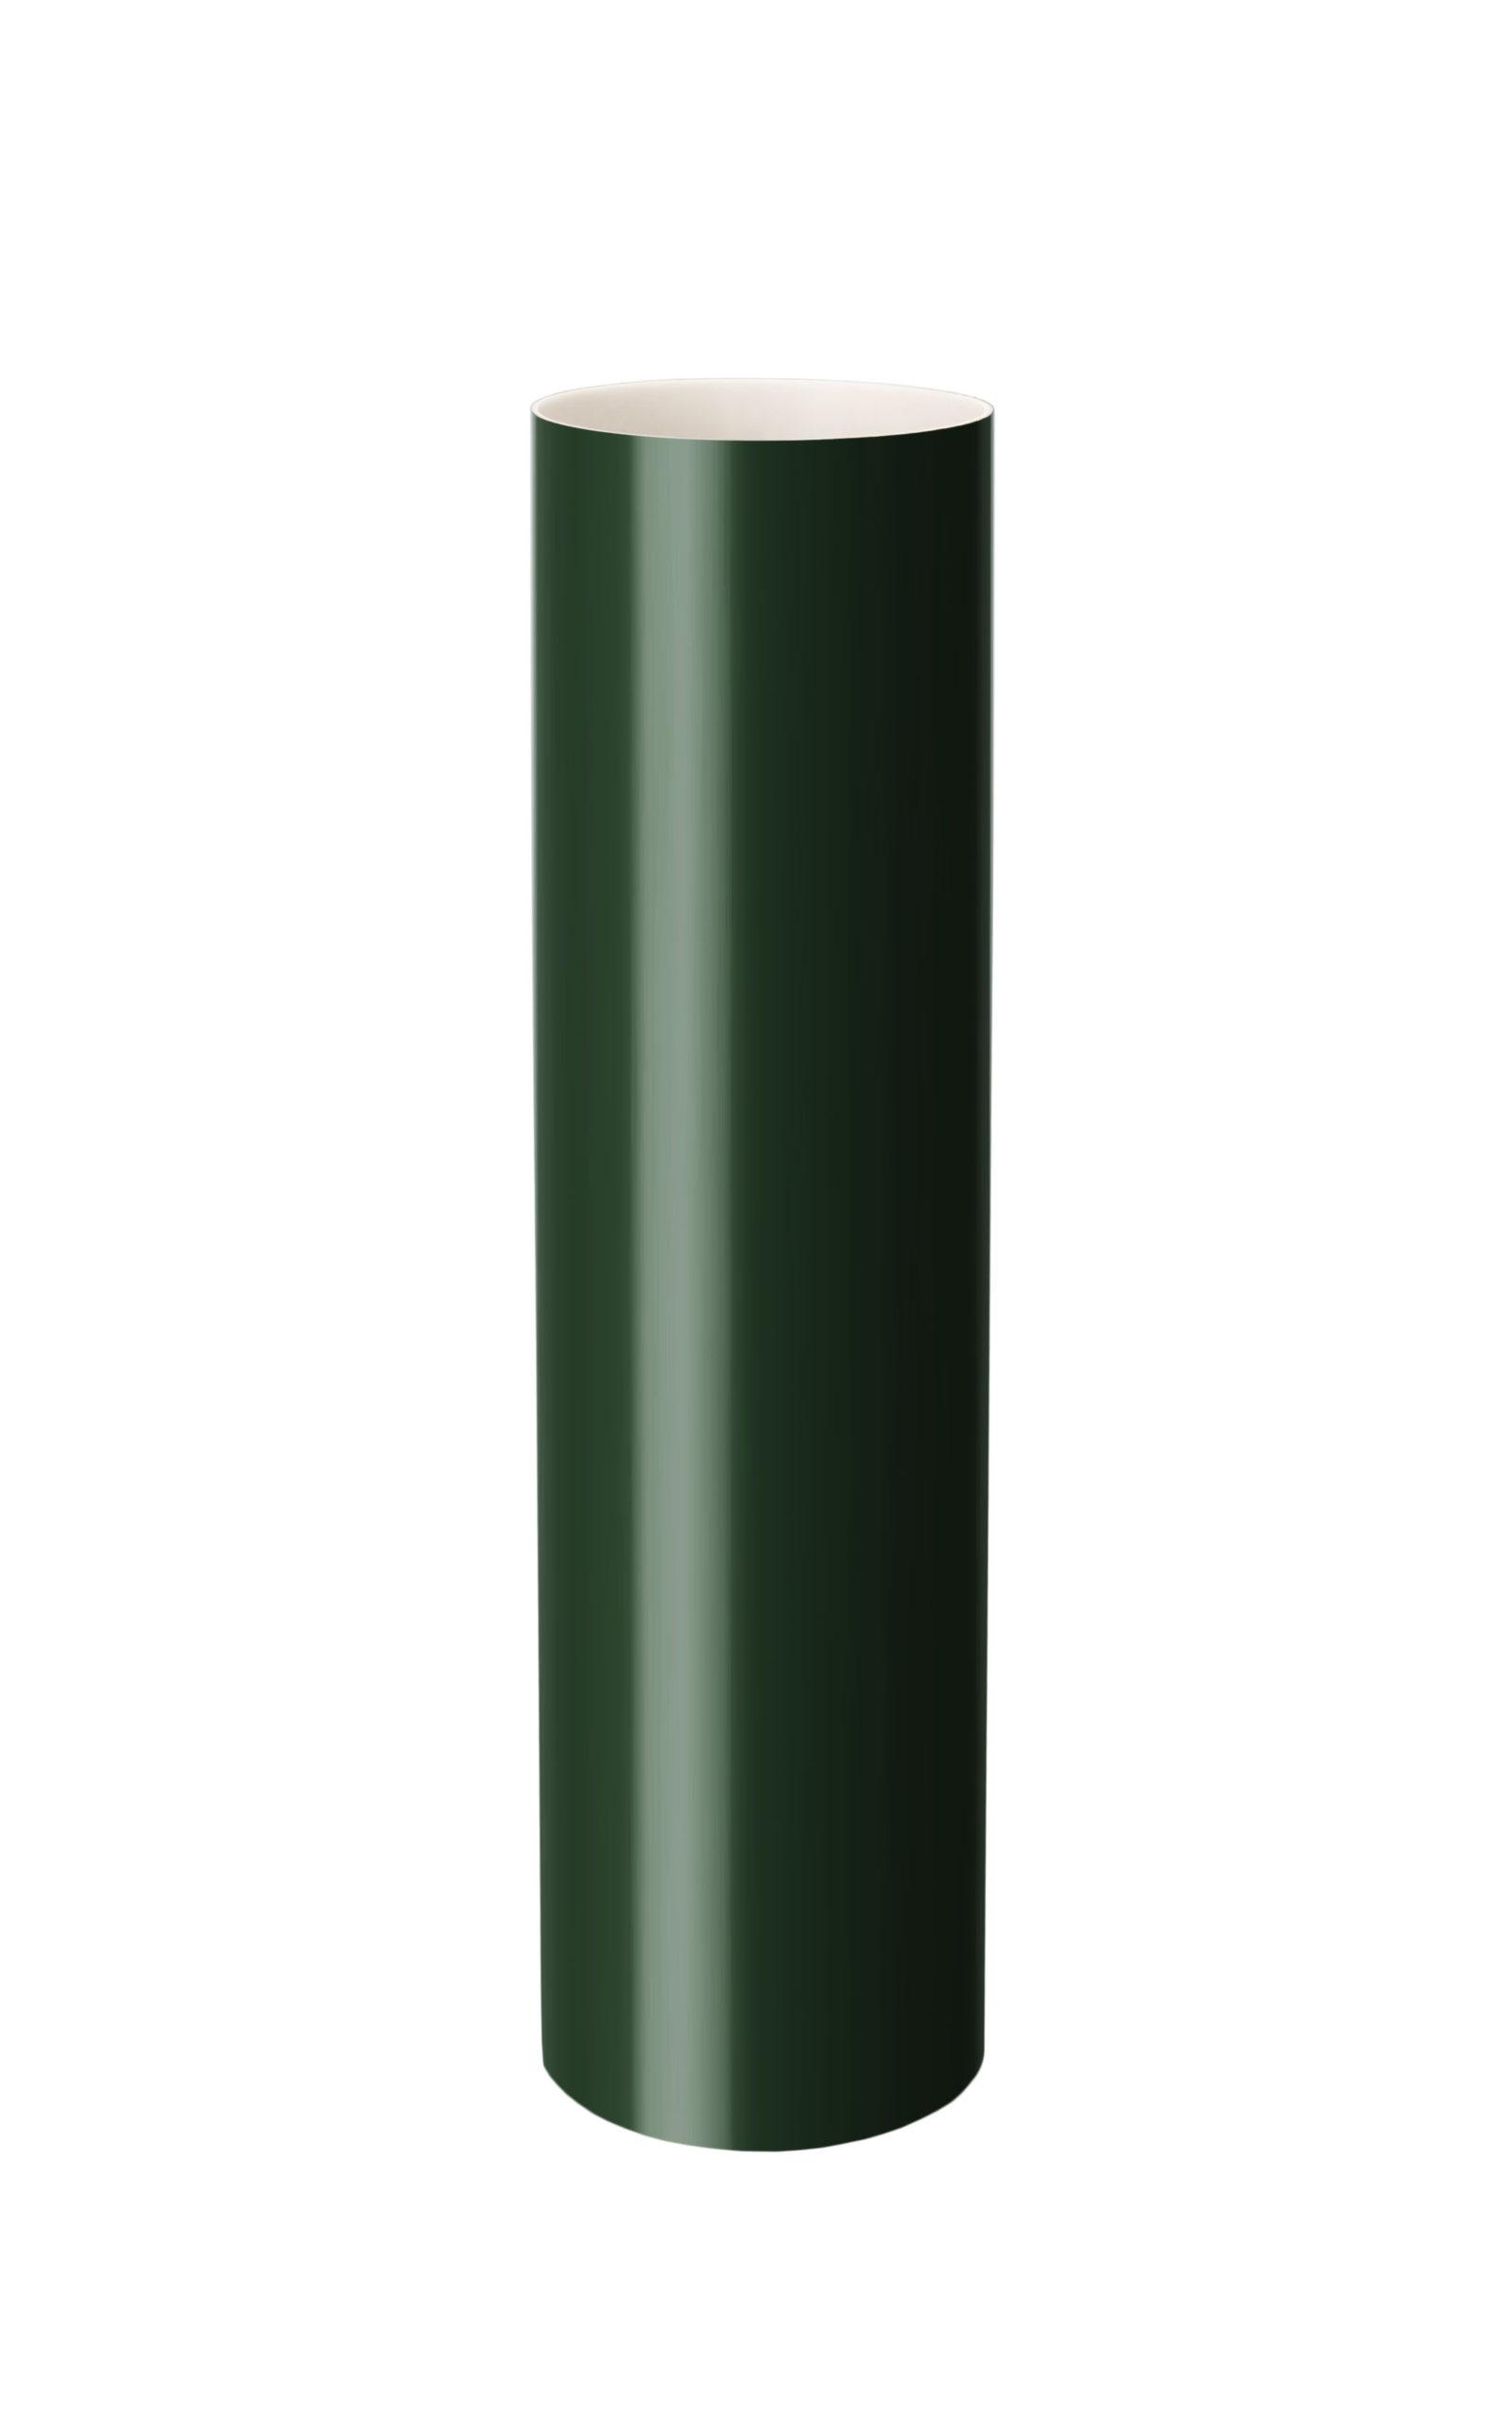 Труба, зелена 100мм/Ø  довжина 3м, RainWay